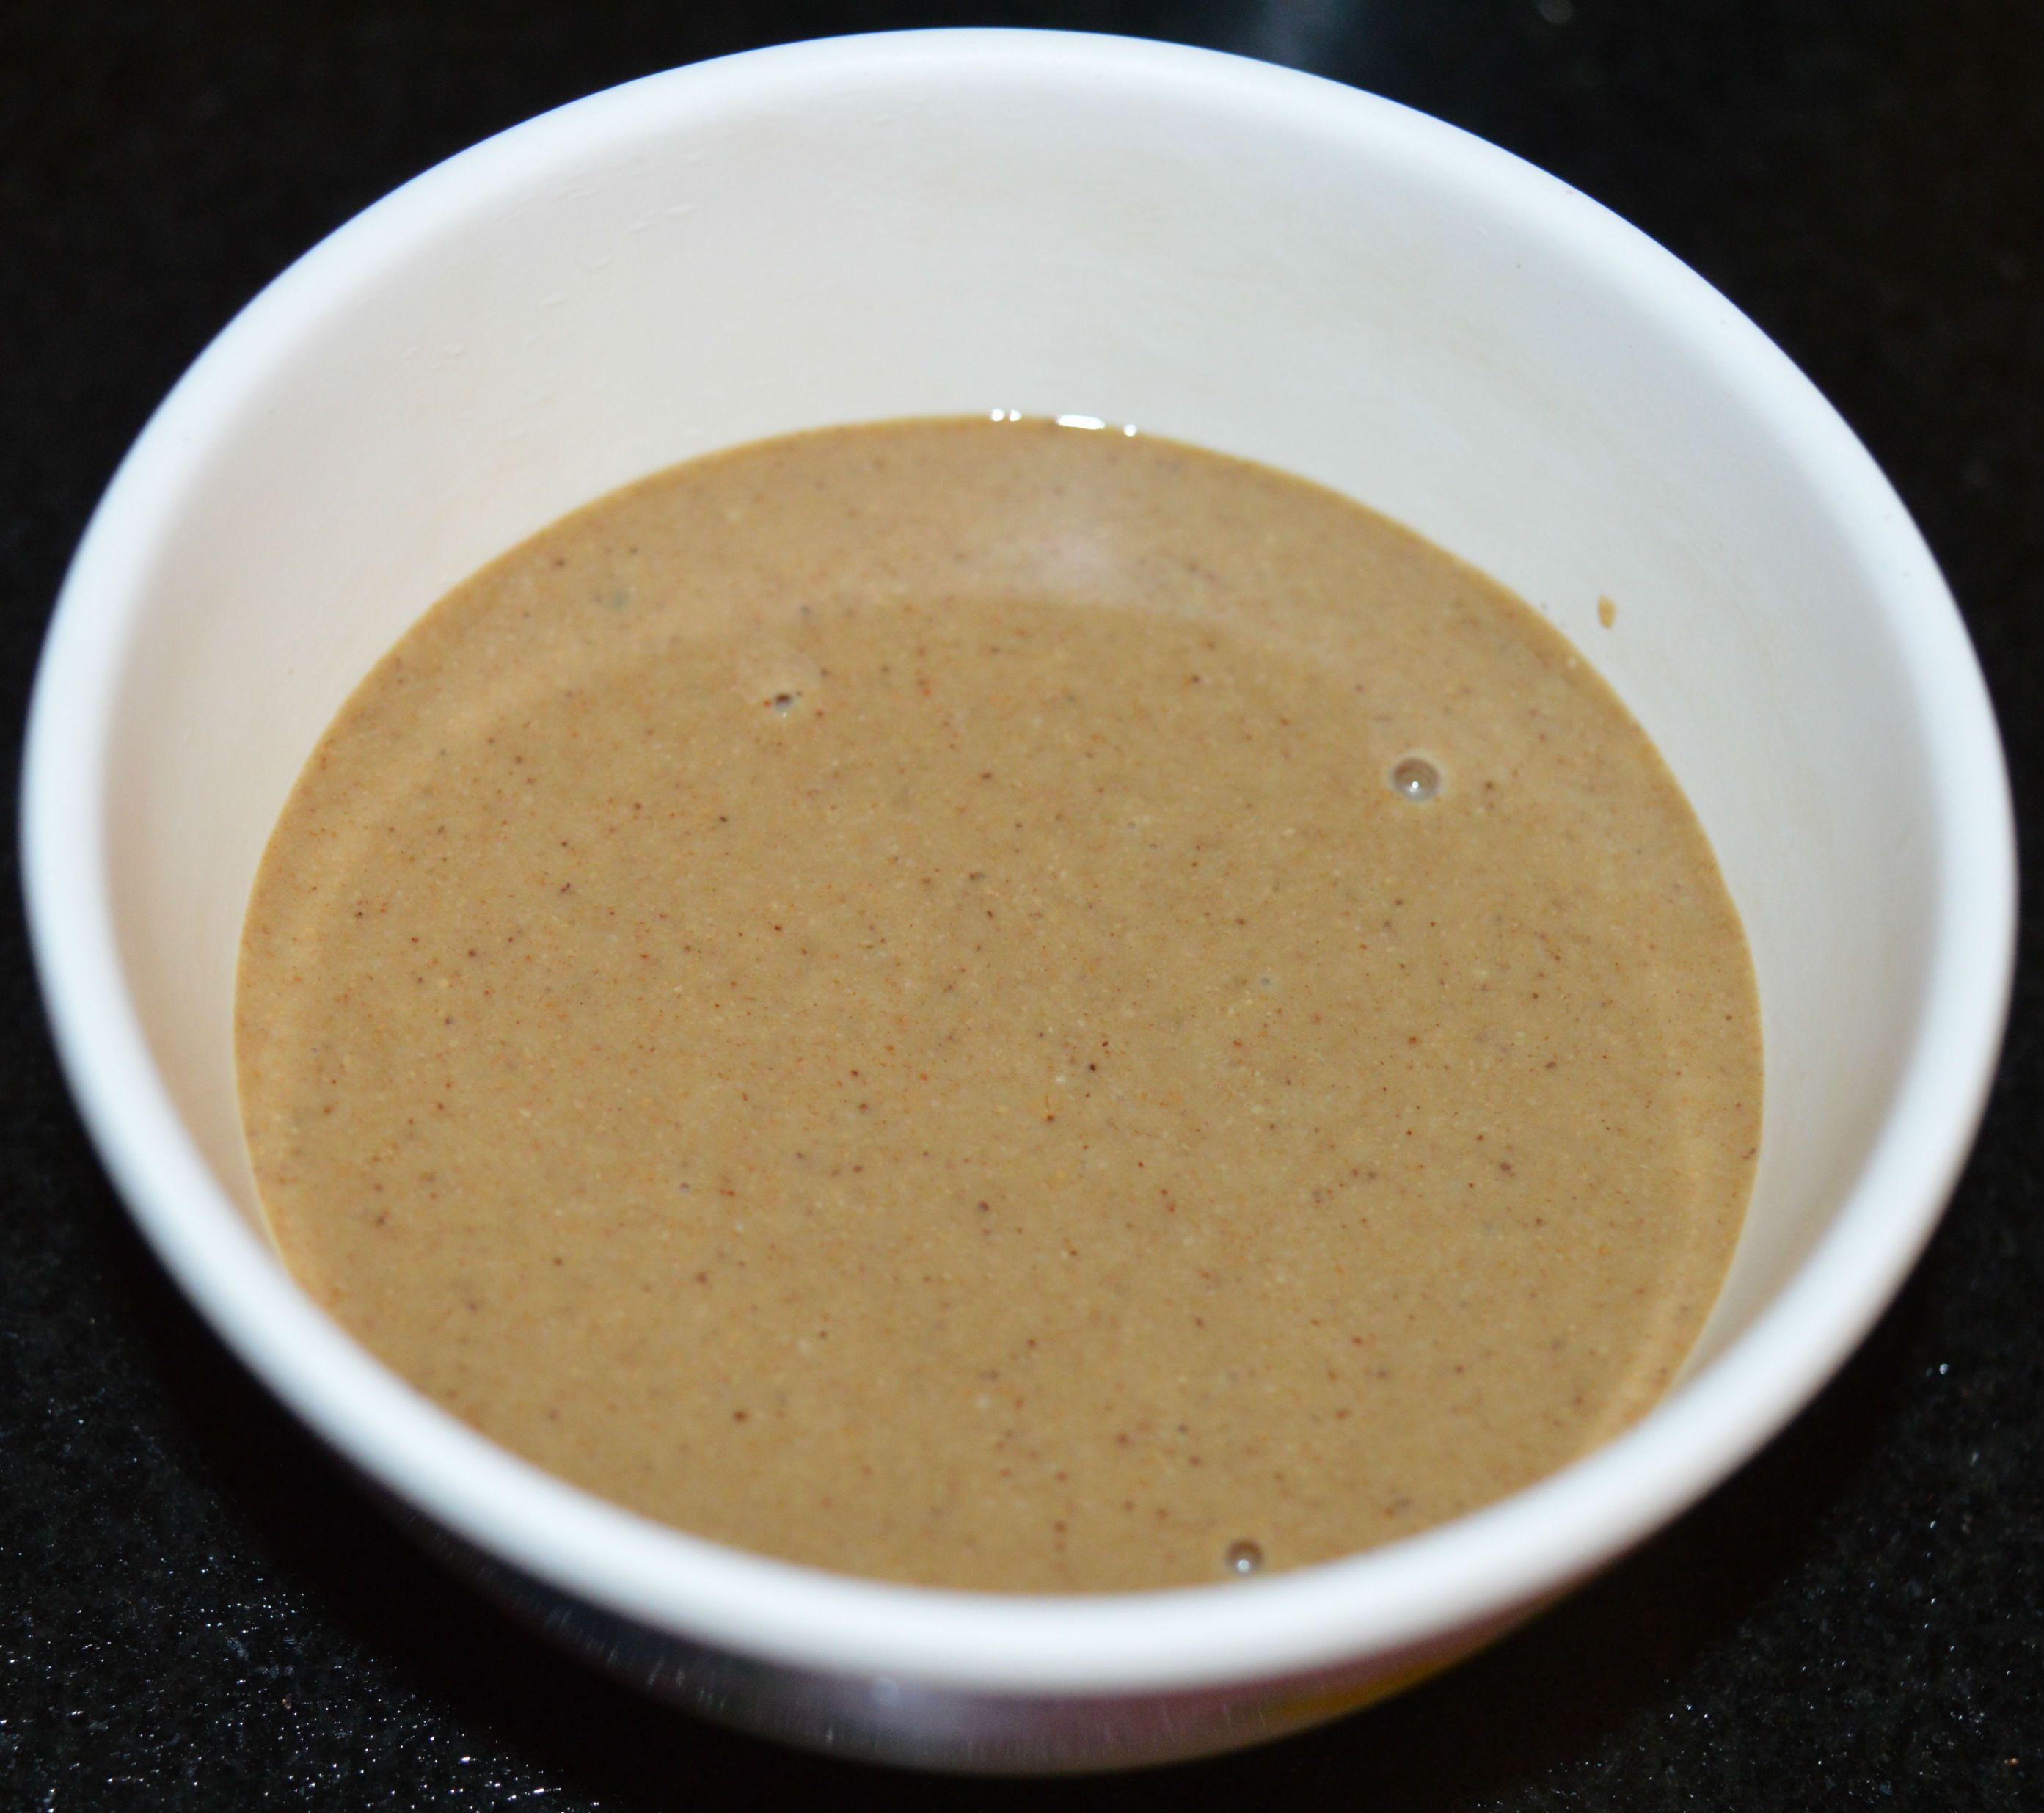 How to Make Tahini (Sesame Seed Paste) How to make